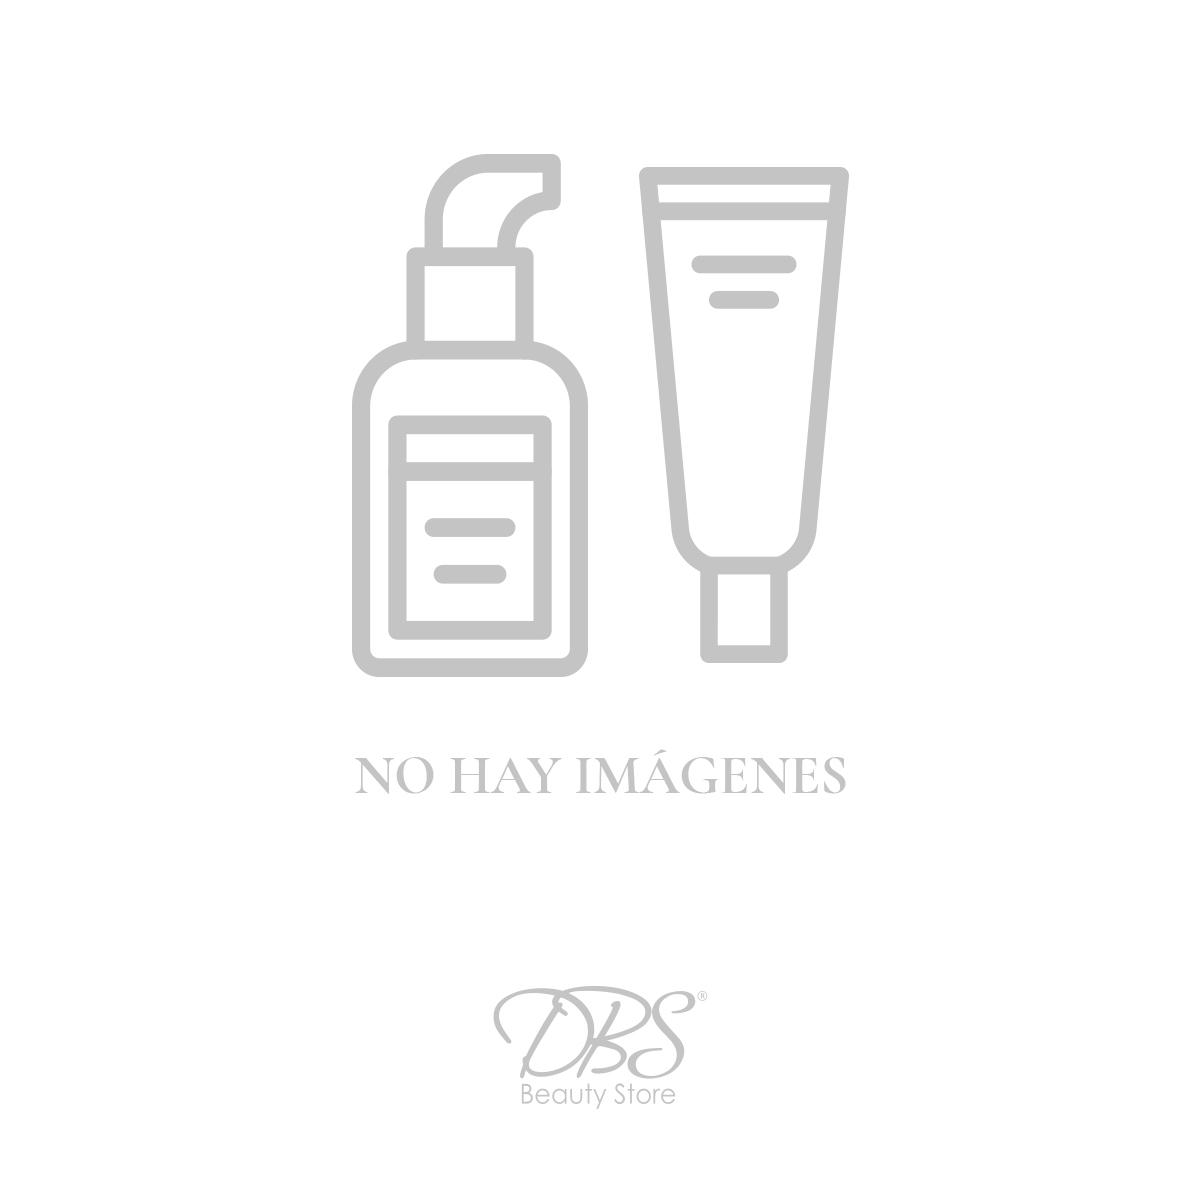 bath-and-body-works-BW-56442.jpg